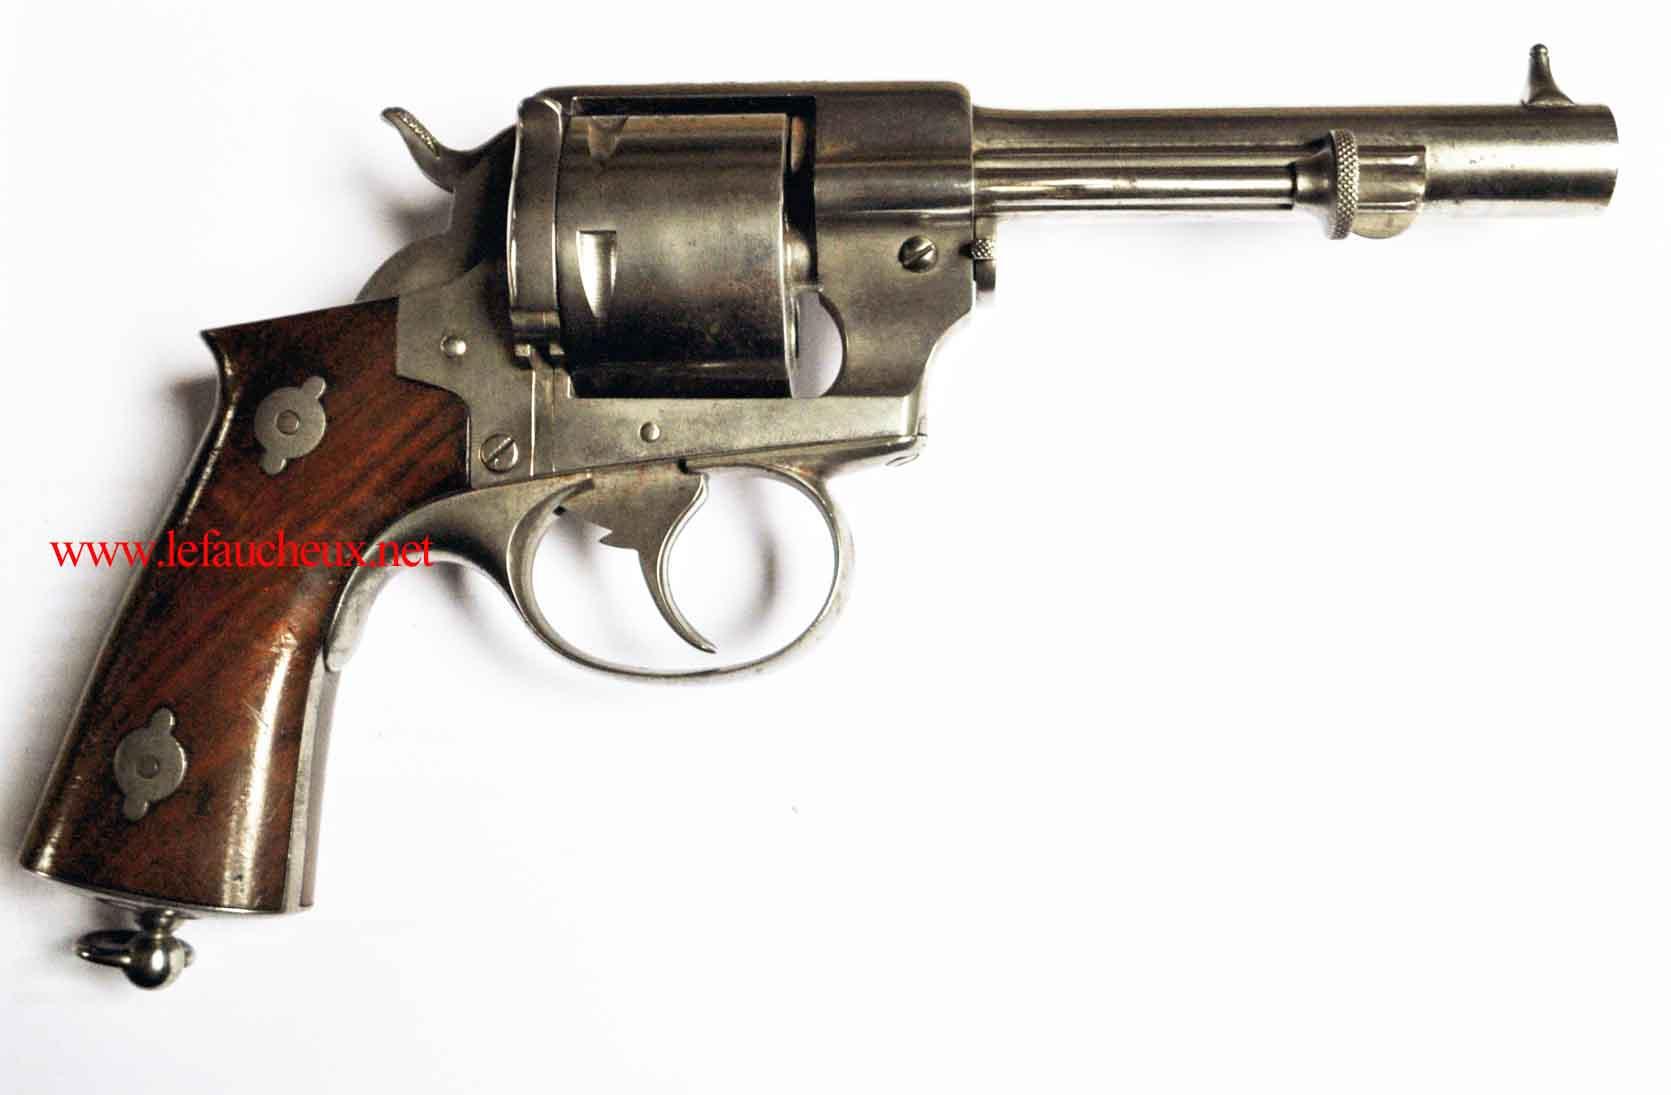 Sur un 1870 - Poinçon ou pas poinçon ? 6